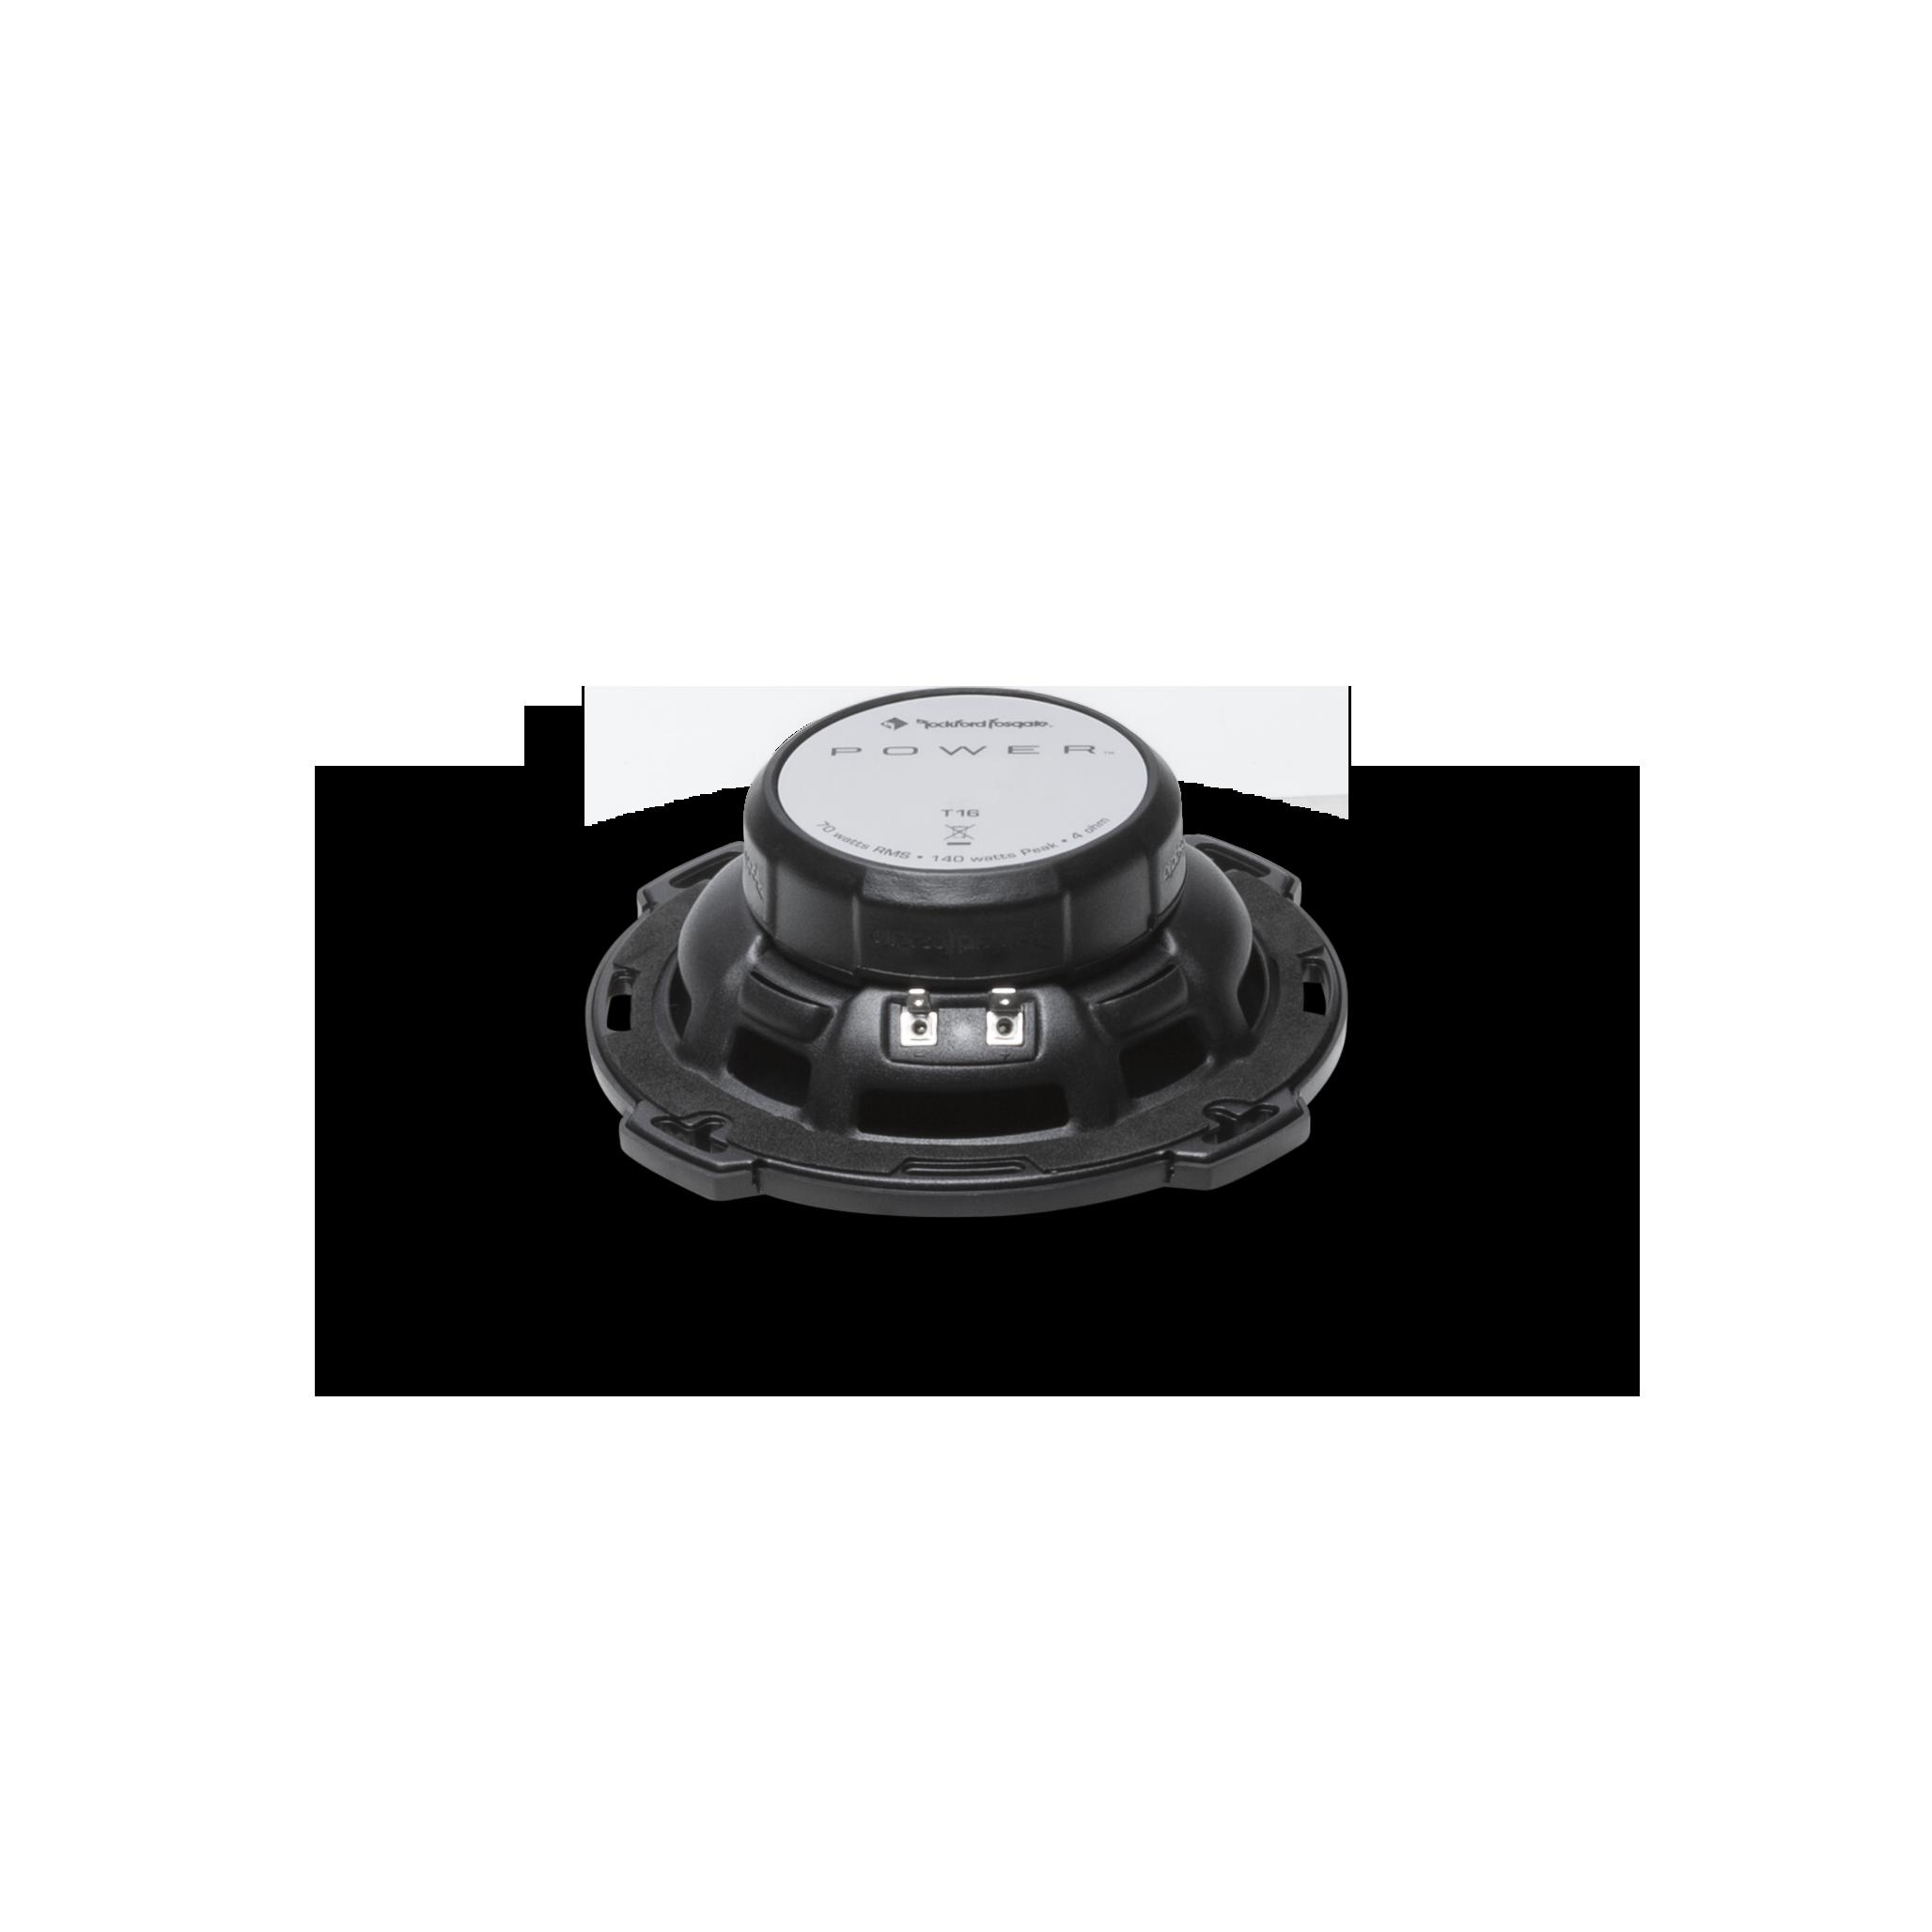 Rockford Fosgate T16 Power 6 2-Way Full-Range Speaker Pair